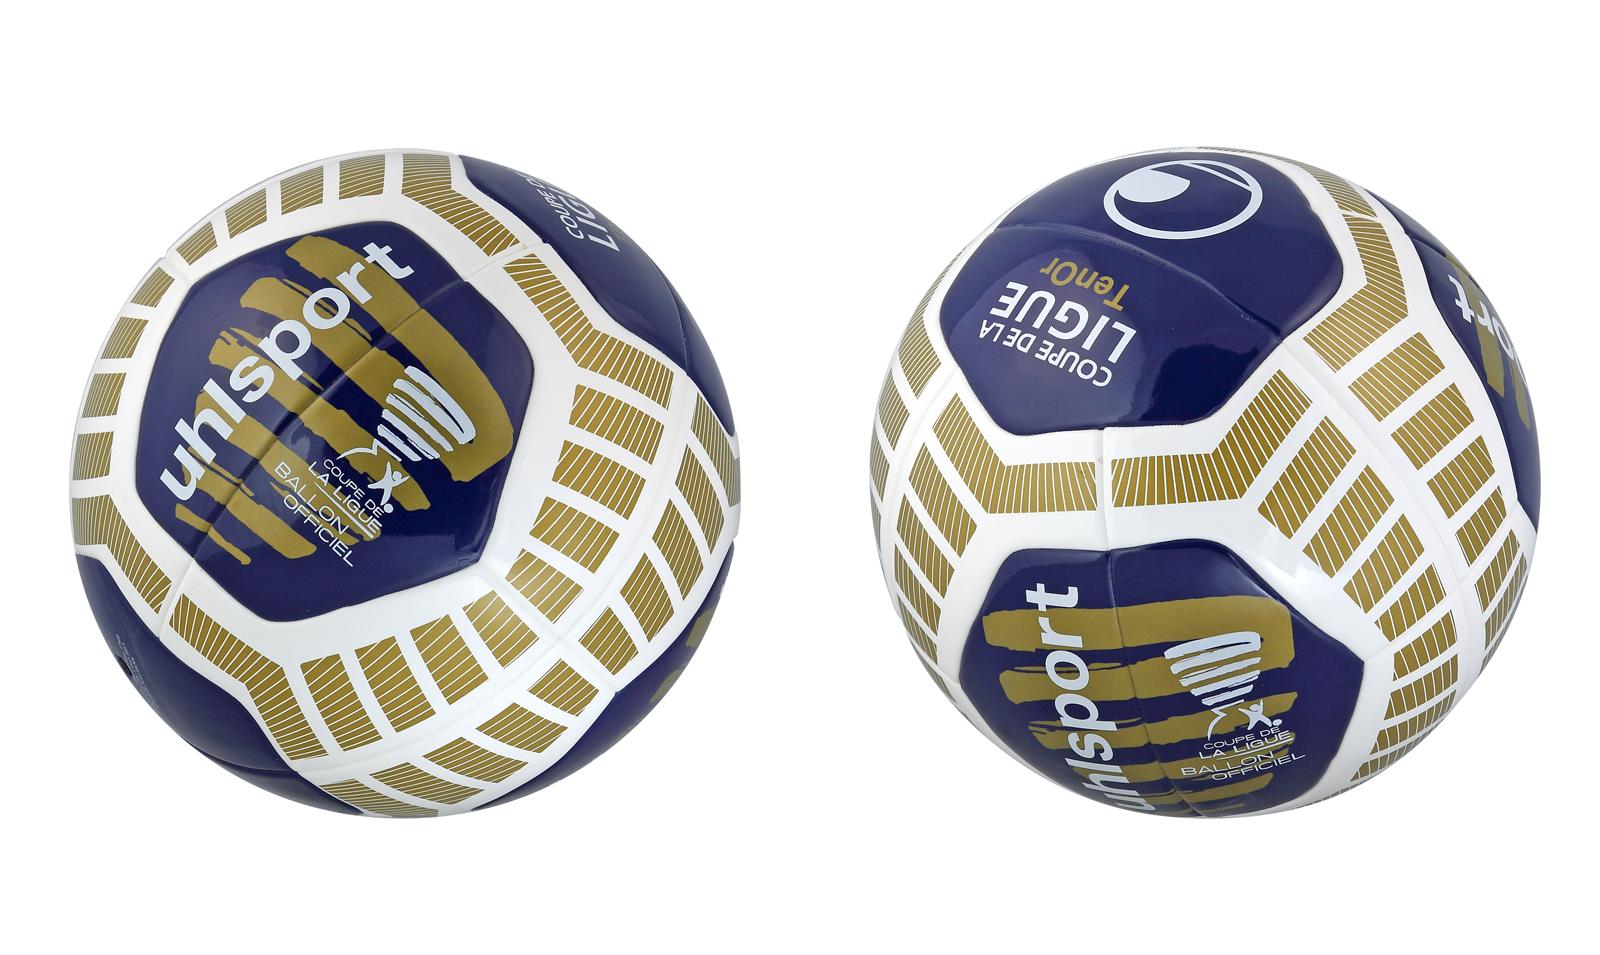 Concours 5 ballons uhlsport finale coupe de la ligue gagner - Finale coupe de la ligue 2014 ...